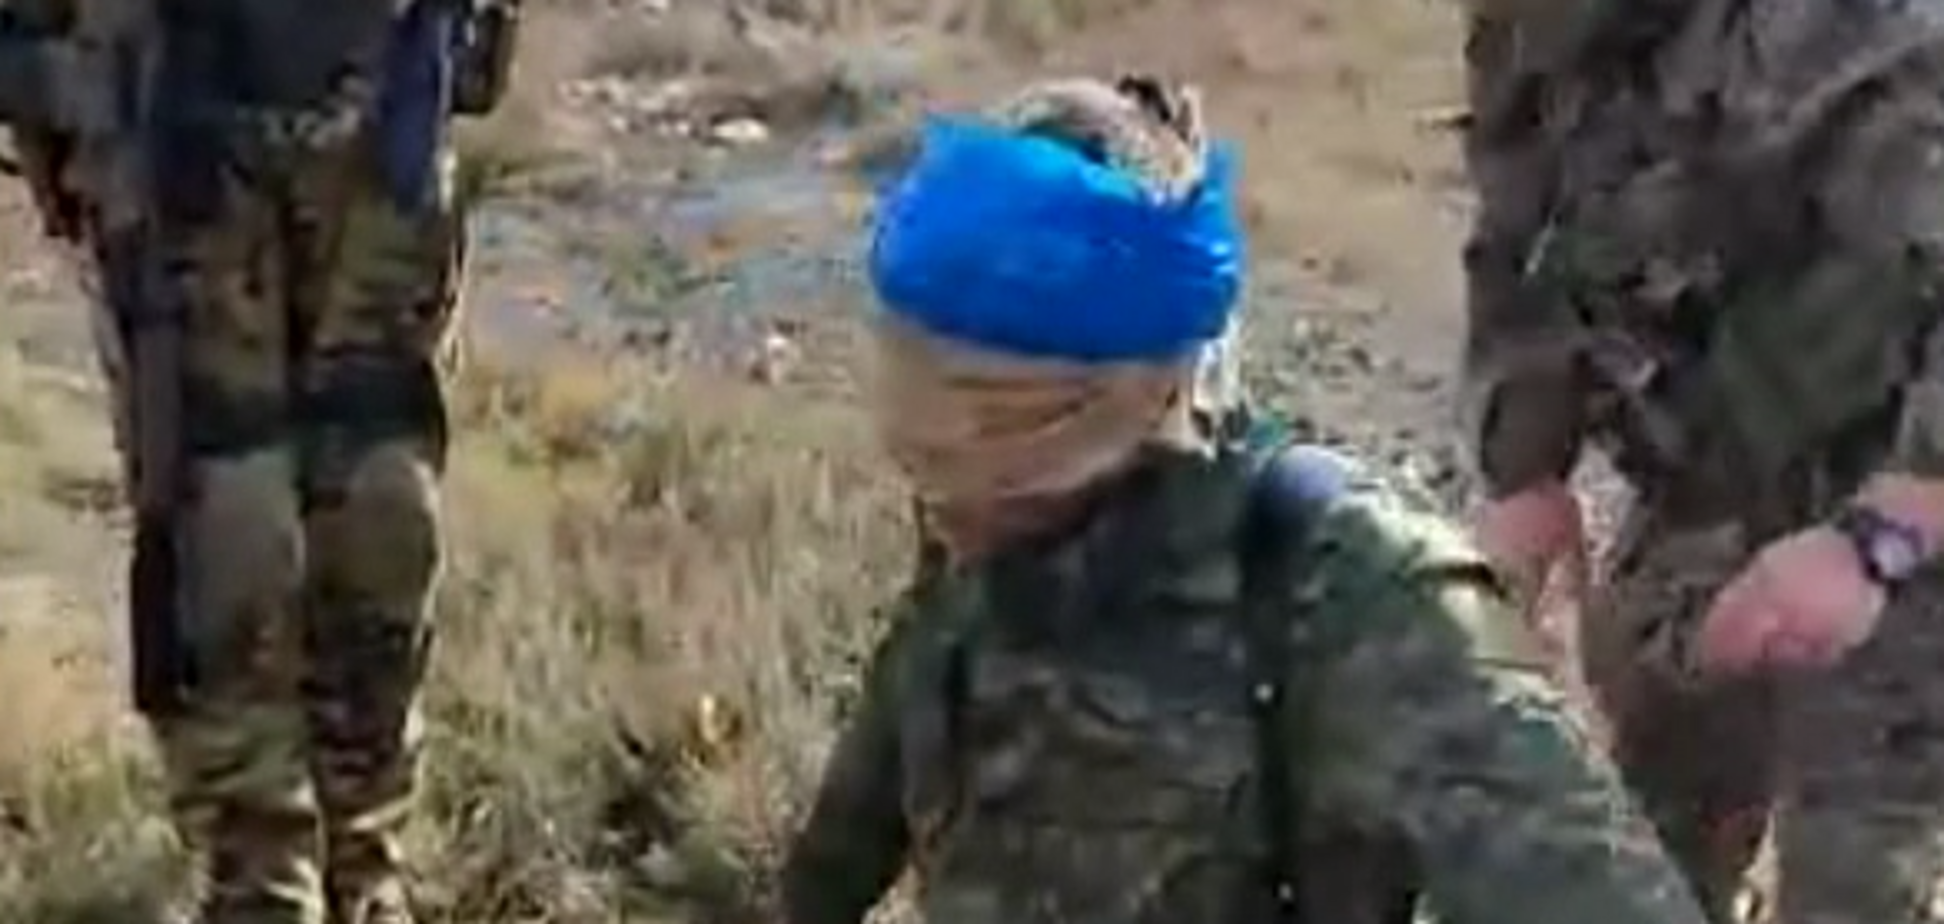 Як затримували бойовика 'ЛНР' на Донбасі: оприлюднено відео